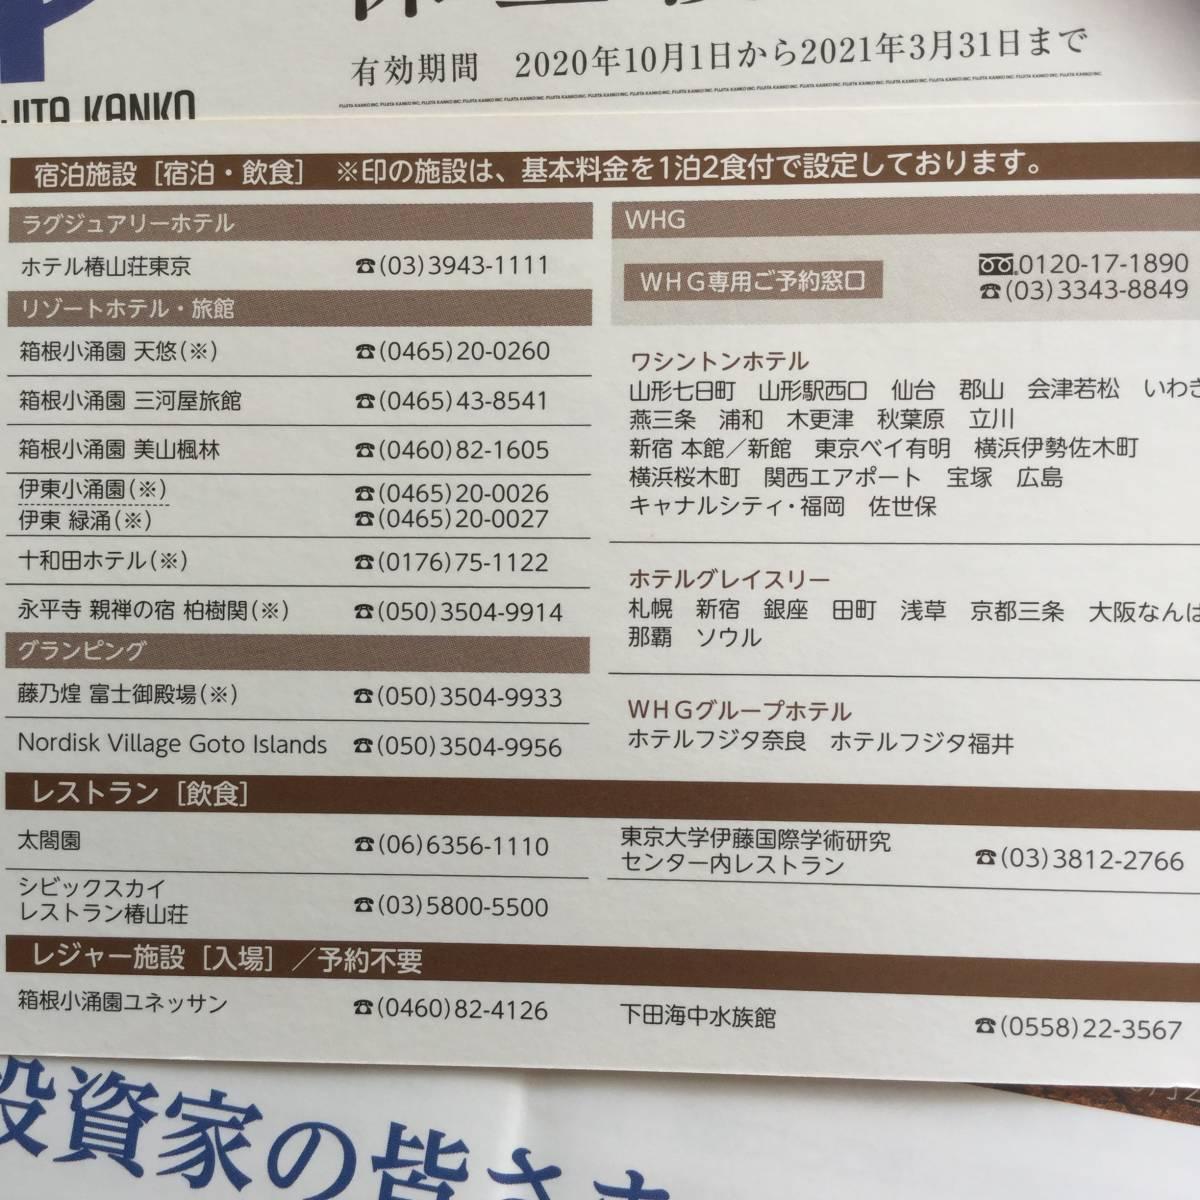 藤田観光 株主優待券 宿泊 飲食 入場 割引券 1枚~4枚 ■■■■ 2021.3.31_画像4